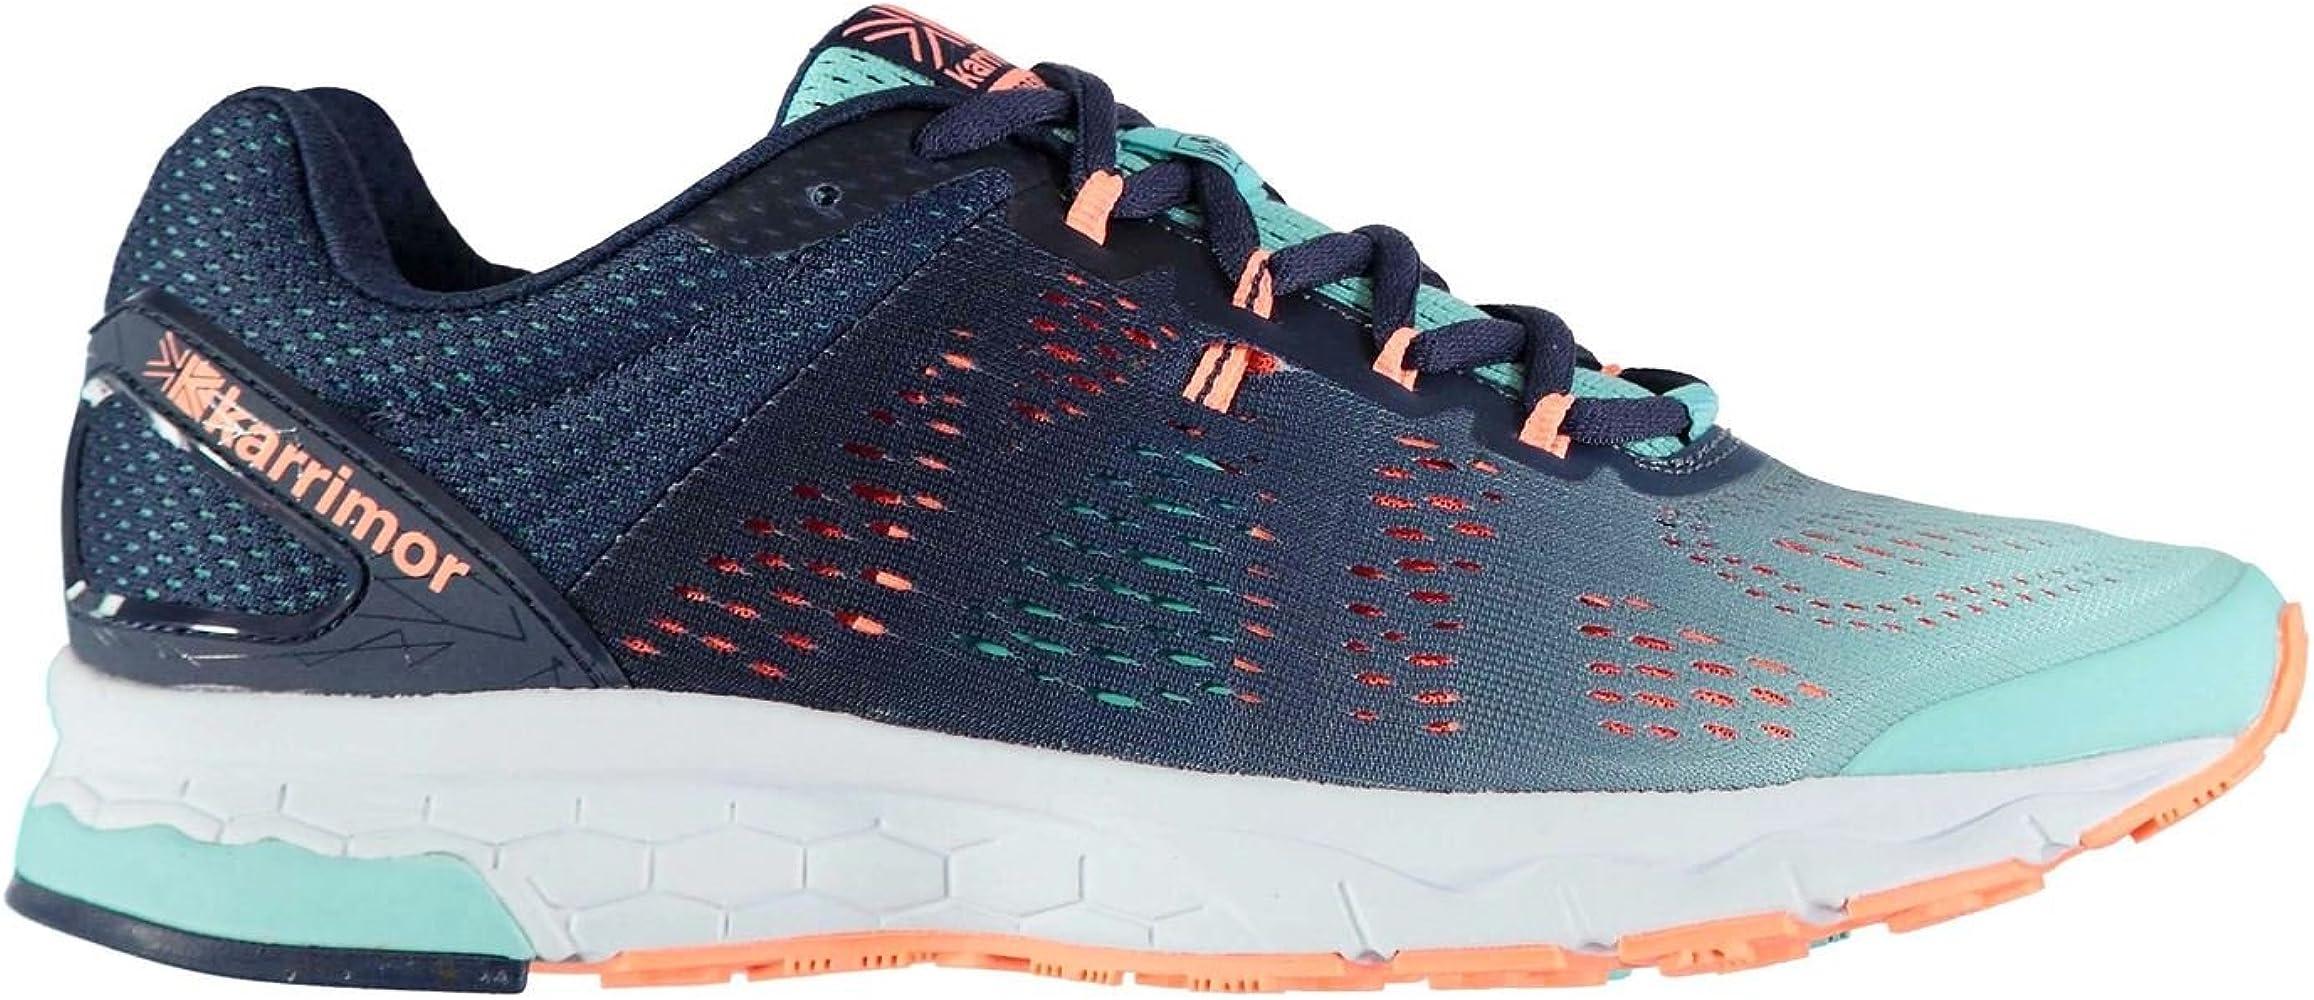 Karrimor Mujer Tempo 5 Support Zapatillas De Running De Carrera Azul Marino/Coral EU 38.5 (UK 5.5): Amazon.es: Zapatos y complementos